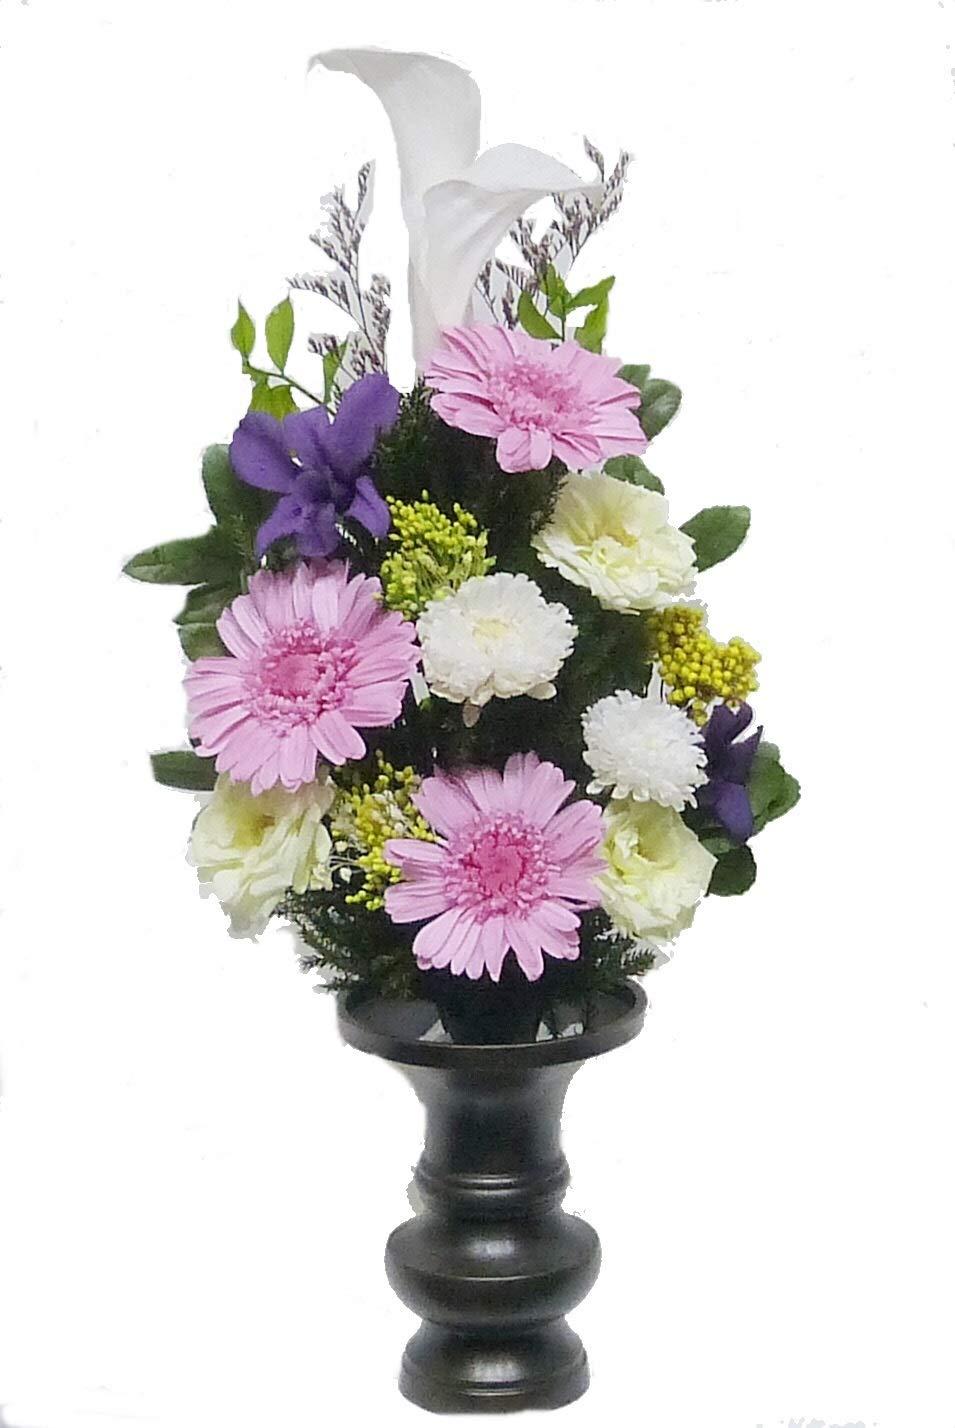 【仏花倶楽部®】のプリザーブドフラワー仏花:B01GOB3HIK 【size M】(お花はもちろん、葉っぱにいたるまで、造花は一切使用しておりません)) B01GOB3HIK